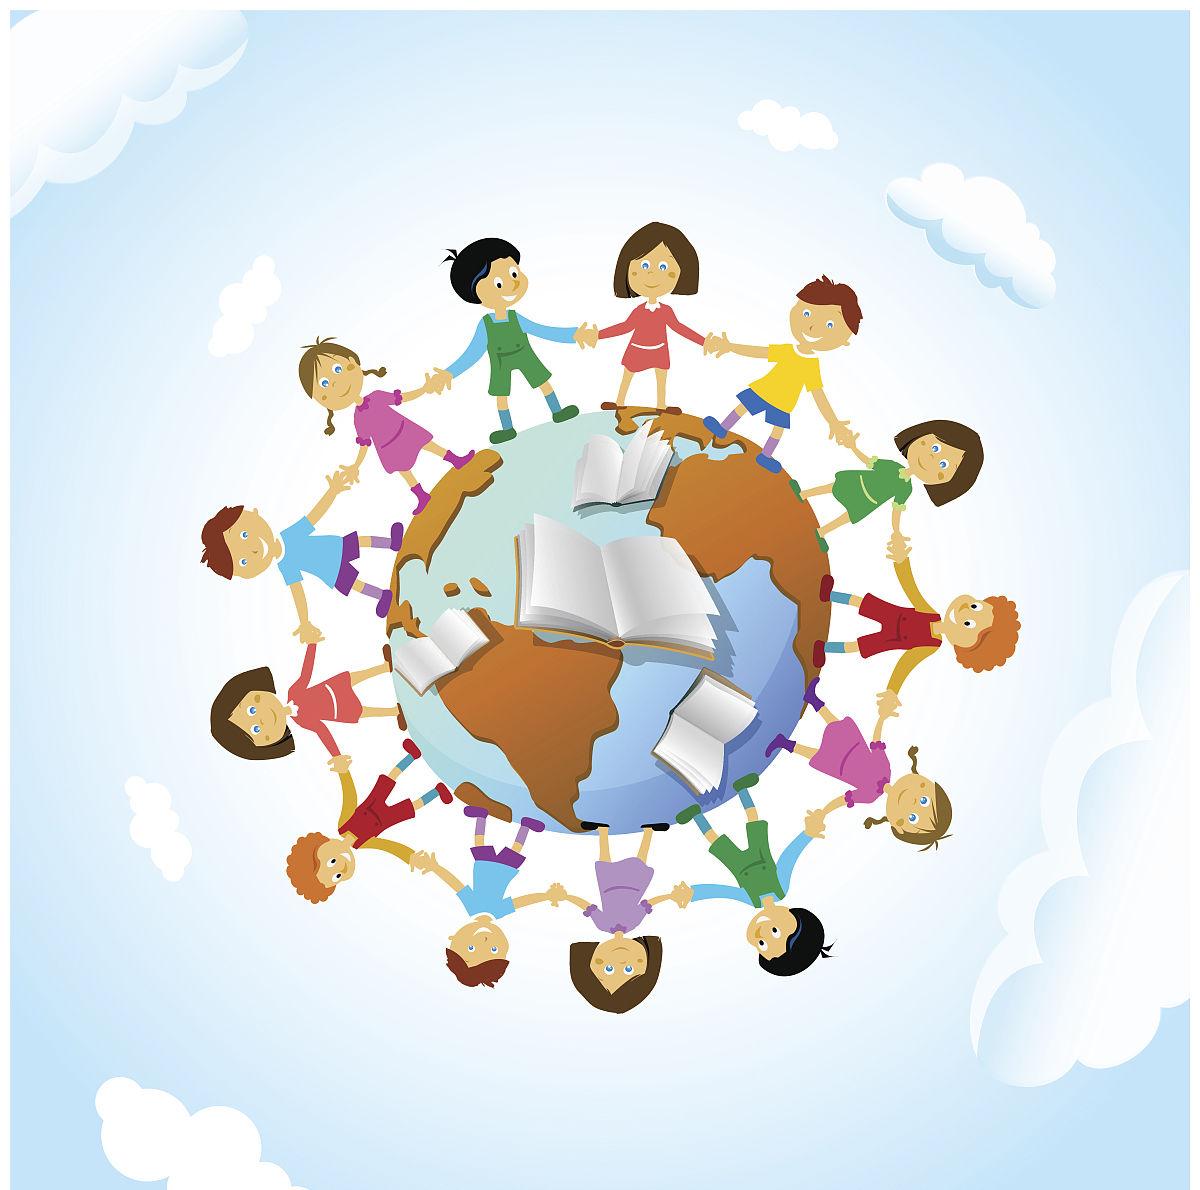 童�j�Z螊8^Y_全球学童链